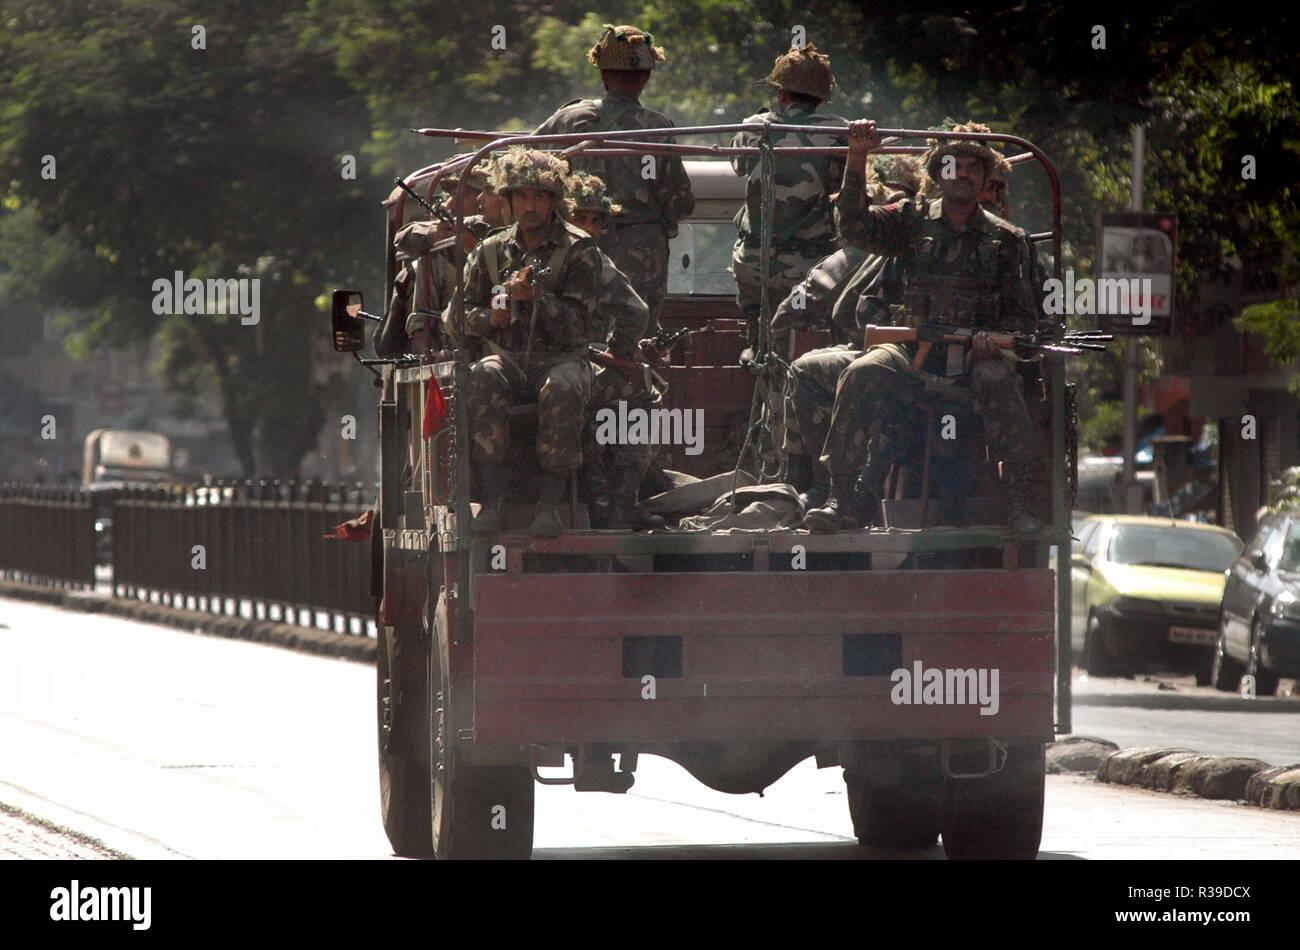 En camiones del ejército indio vino a luchar contra los ataques terroristas por parte de Decan Muyahidin terroristas en Mumbai, India, el 27 de noviembre de 2008. Los terroristas mataron a 100 personas y más de 200 heridos en una serie de ataques coordinados a través de la India?s del centro financiero de Mumbai como pistoleros fuertemente armados en grupos de dos a cuatro abrieron fuego con armas automáticas y granadas lobbed en 10 lugares en el sur de Mumbai, incluidos los cinco estrellas hoteles Taj y Trident, la ciudad?s terminal principal de trenes, un hospital, una cafetería, un pub y una sala de cine. Foto: Dinodia (c) dpa - Report | uso en todo el mundo Foto de stock